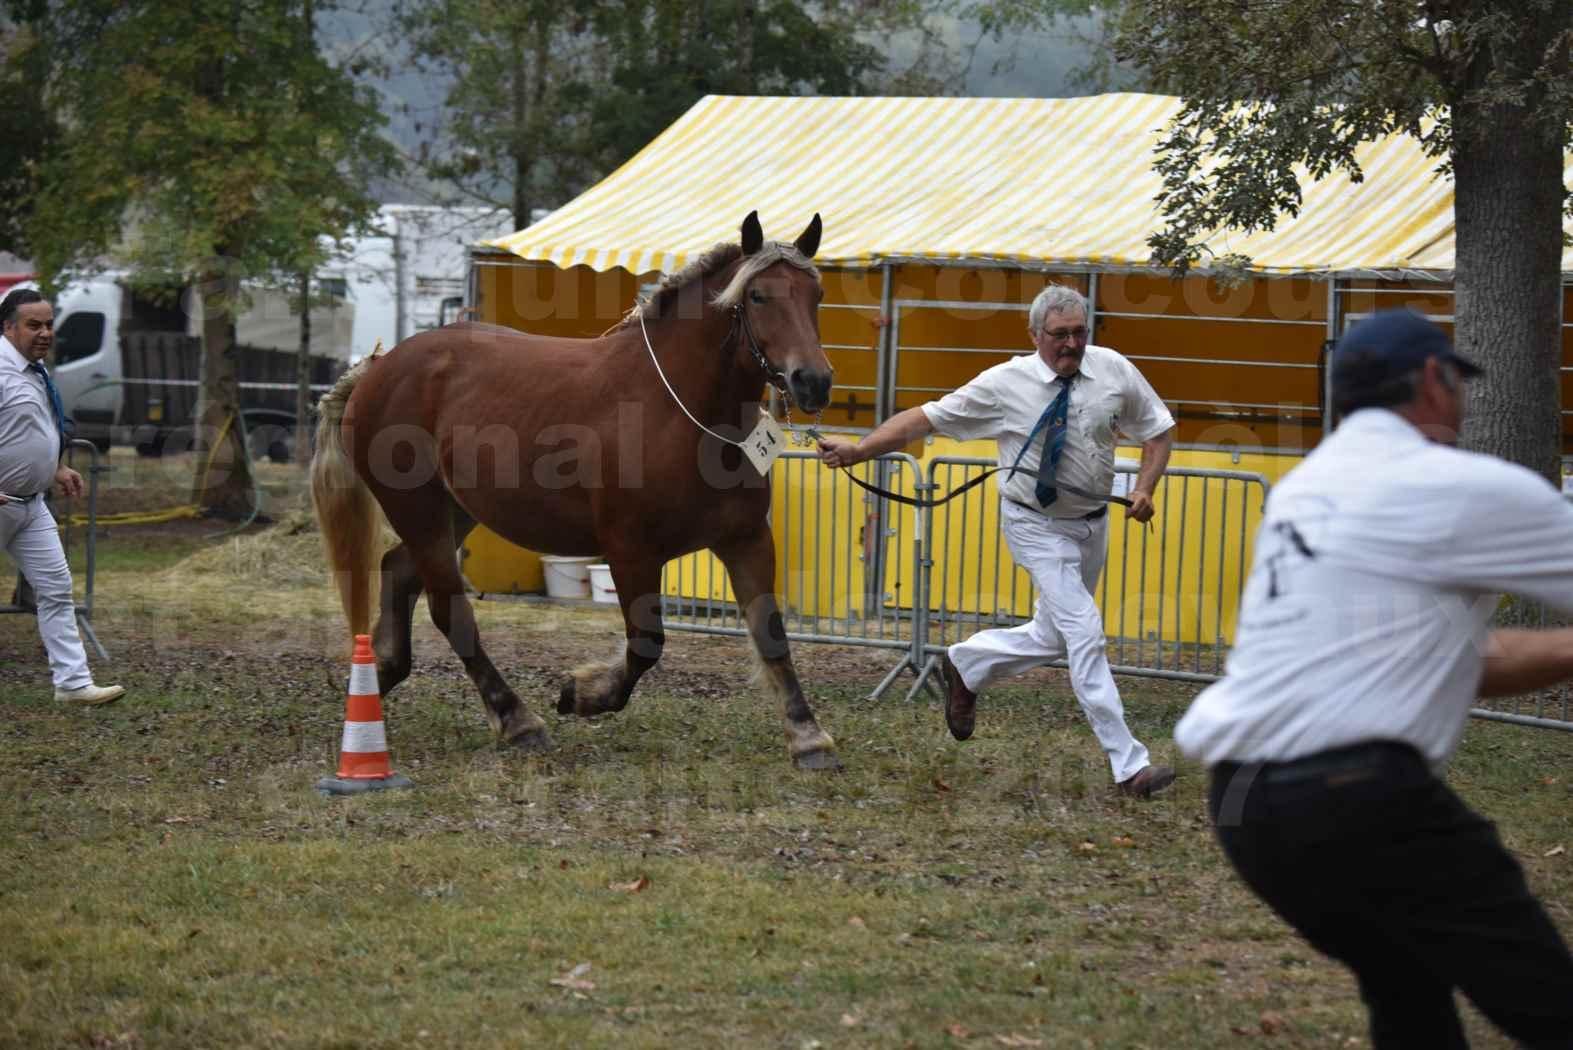 Concours Régional de chevaux de traits en 2017 - Pouliche Trait COMTOIS - DUCHESSE DE BENS - 14